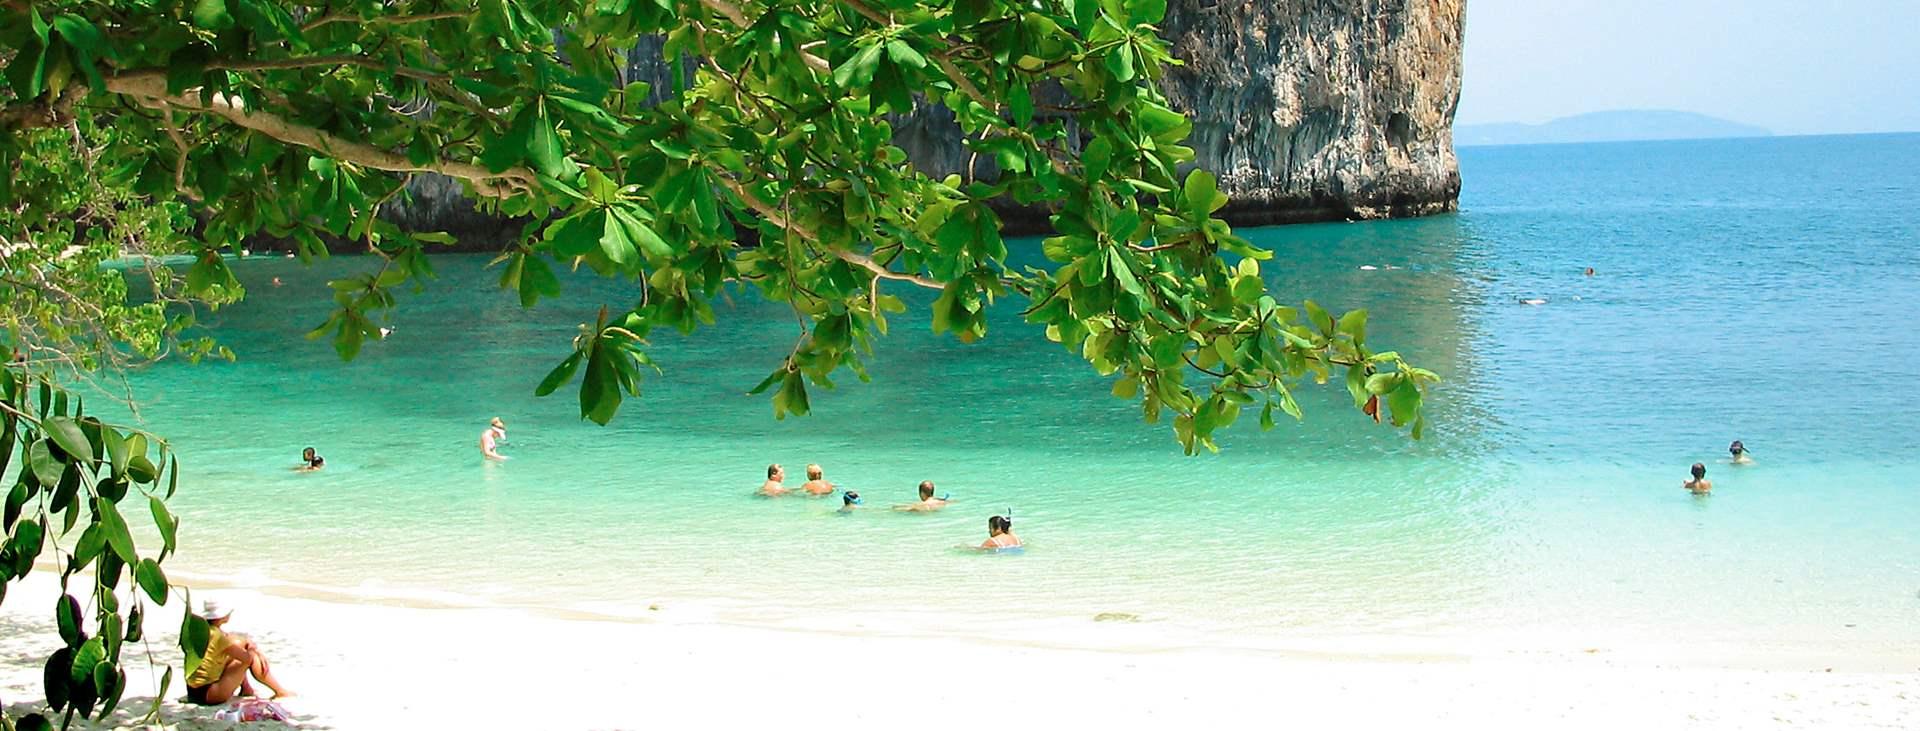 Bestill en reise med Ving til Ao Nang i Thailand